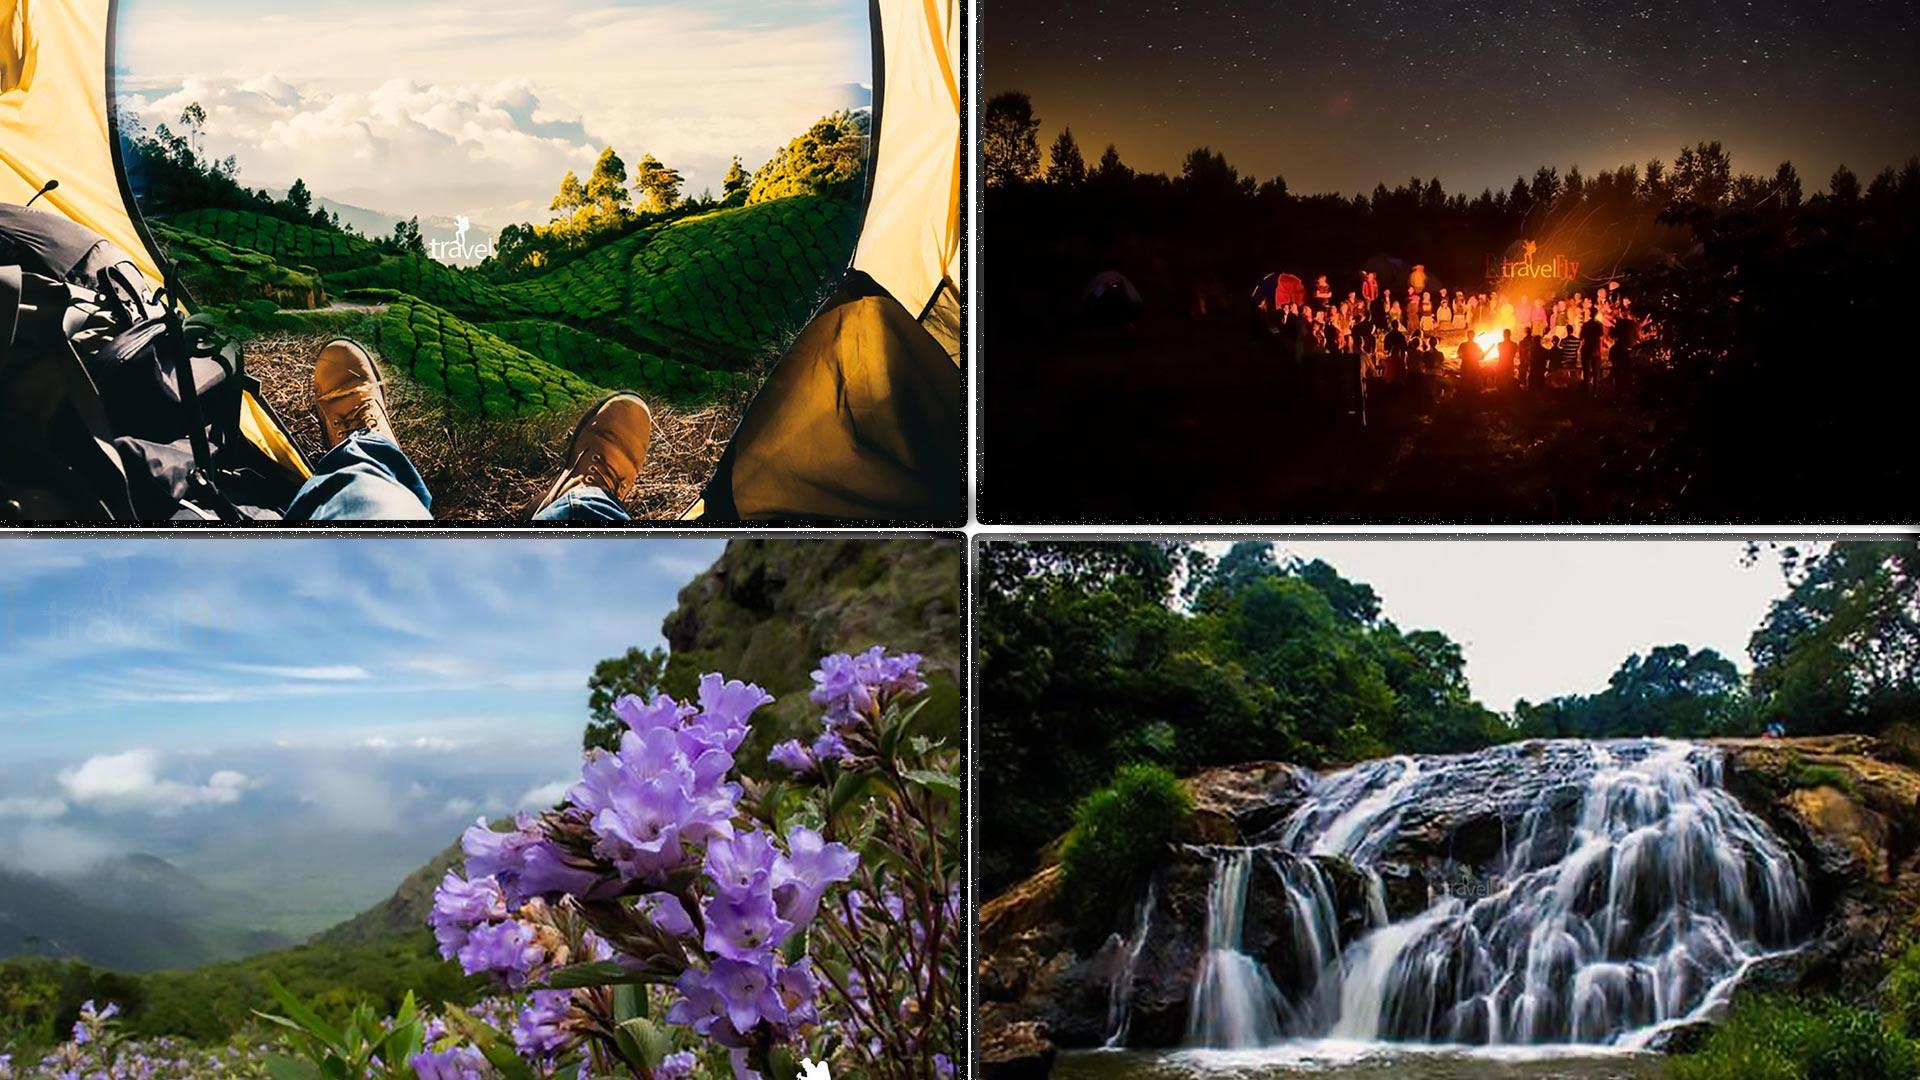 Kotagiri Neelakuriji Blooming Trek And Camping In Nilgiri Hills